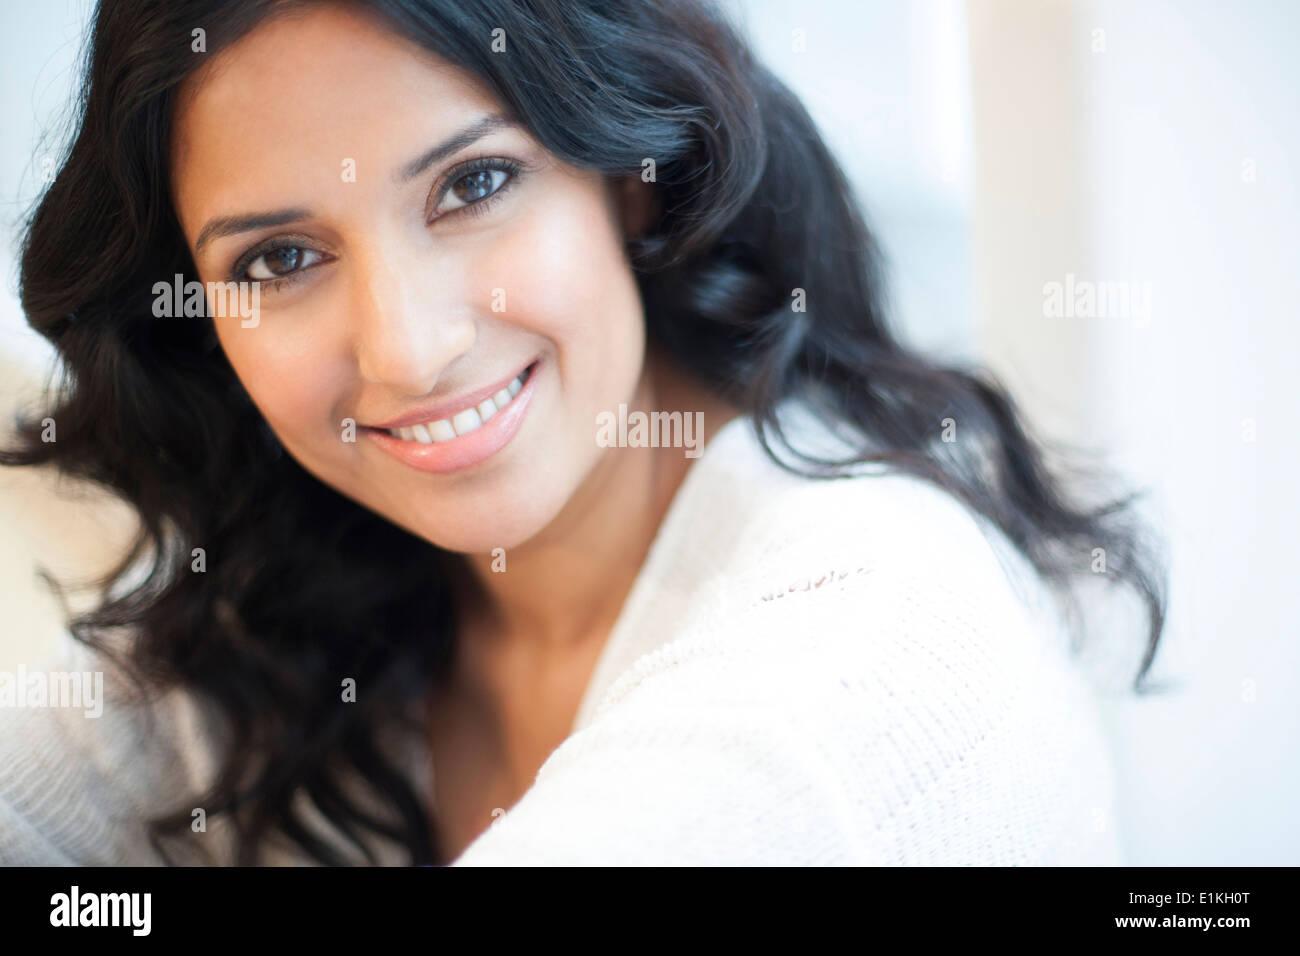 Modelo liberado el retrato de una mujer sonriente. Imagen De Stock